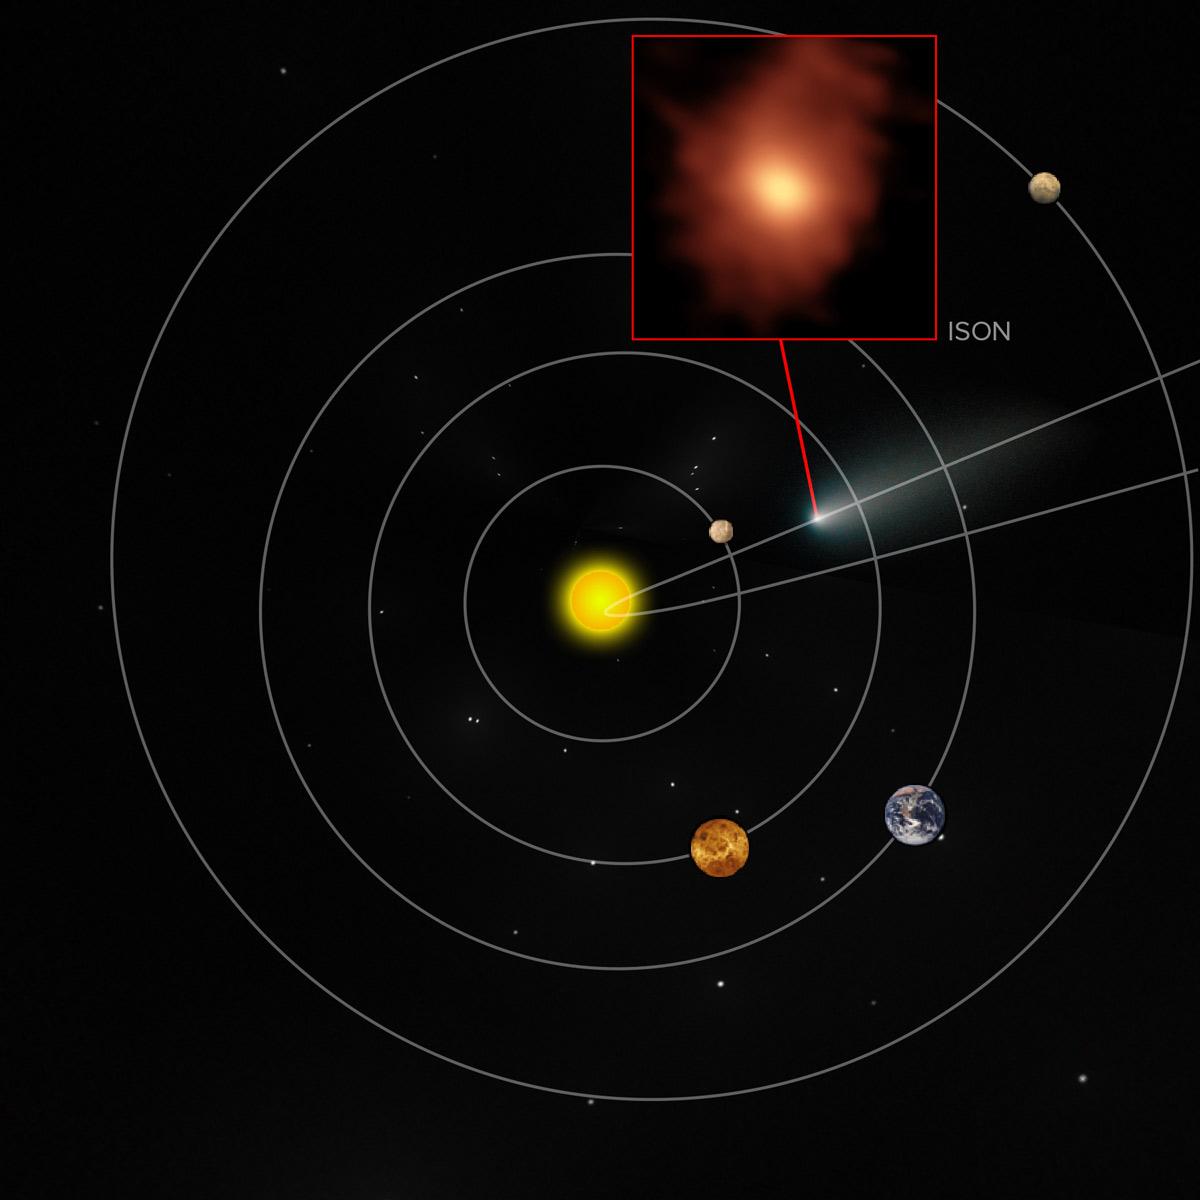 Keplerian rotation